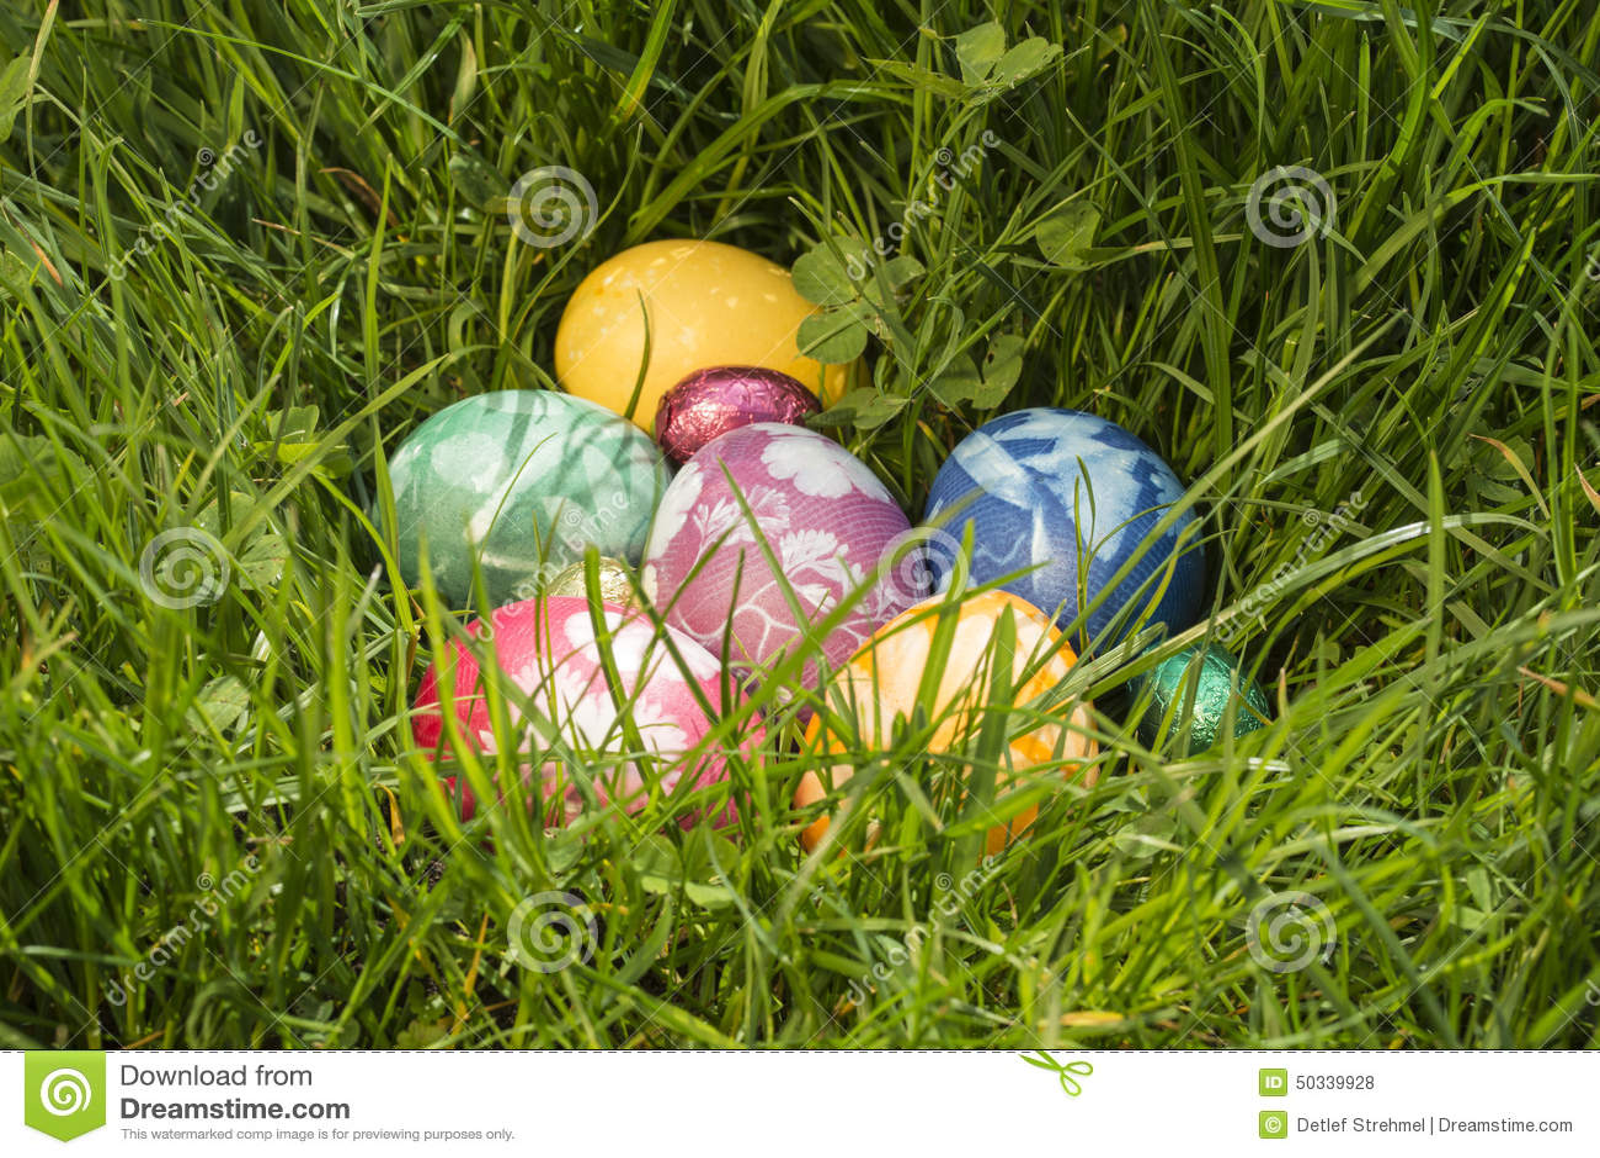 Αυγό Πάσχας στη βαθιά χλόη